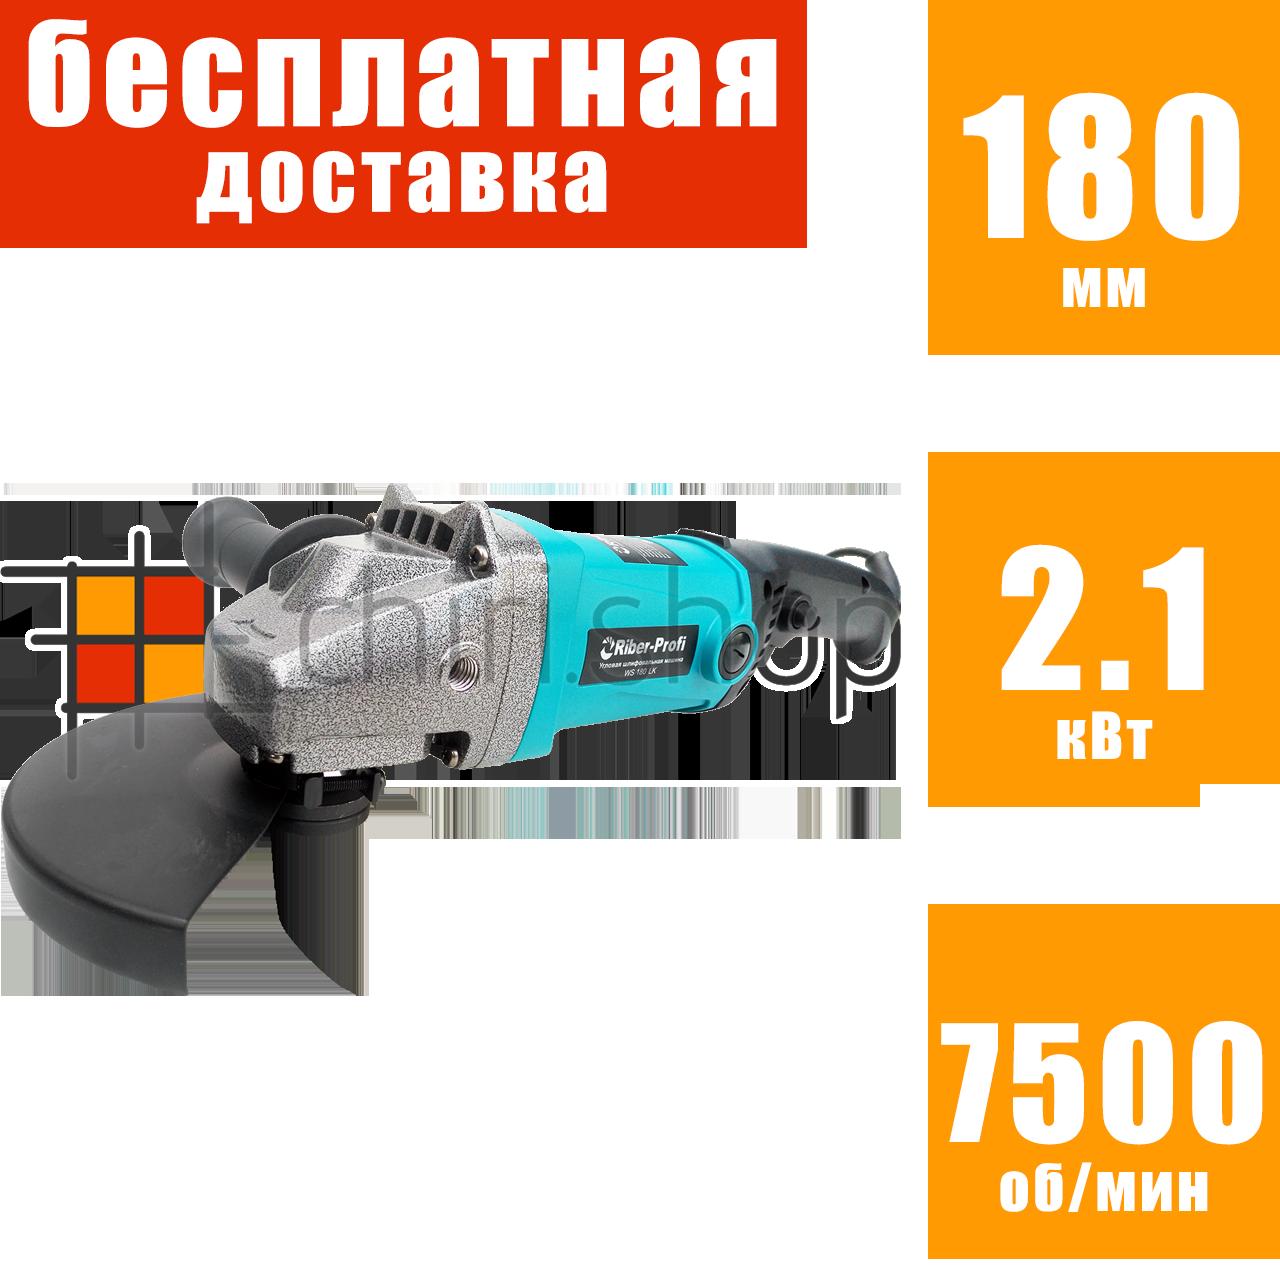 Болгарка 180 мм Riber WS 180LK, КШМ УШМ без регуляции оборотов, углошлифовальная машина, угловая шлифмашина